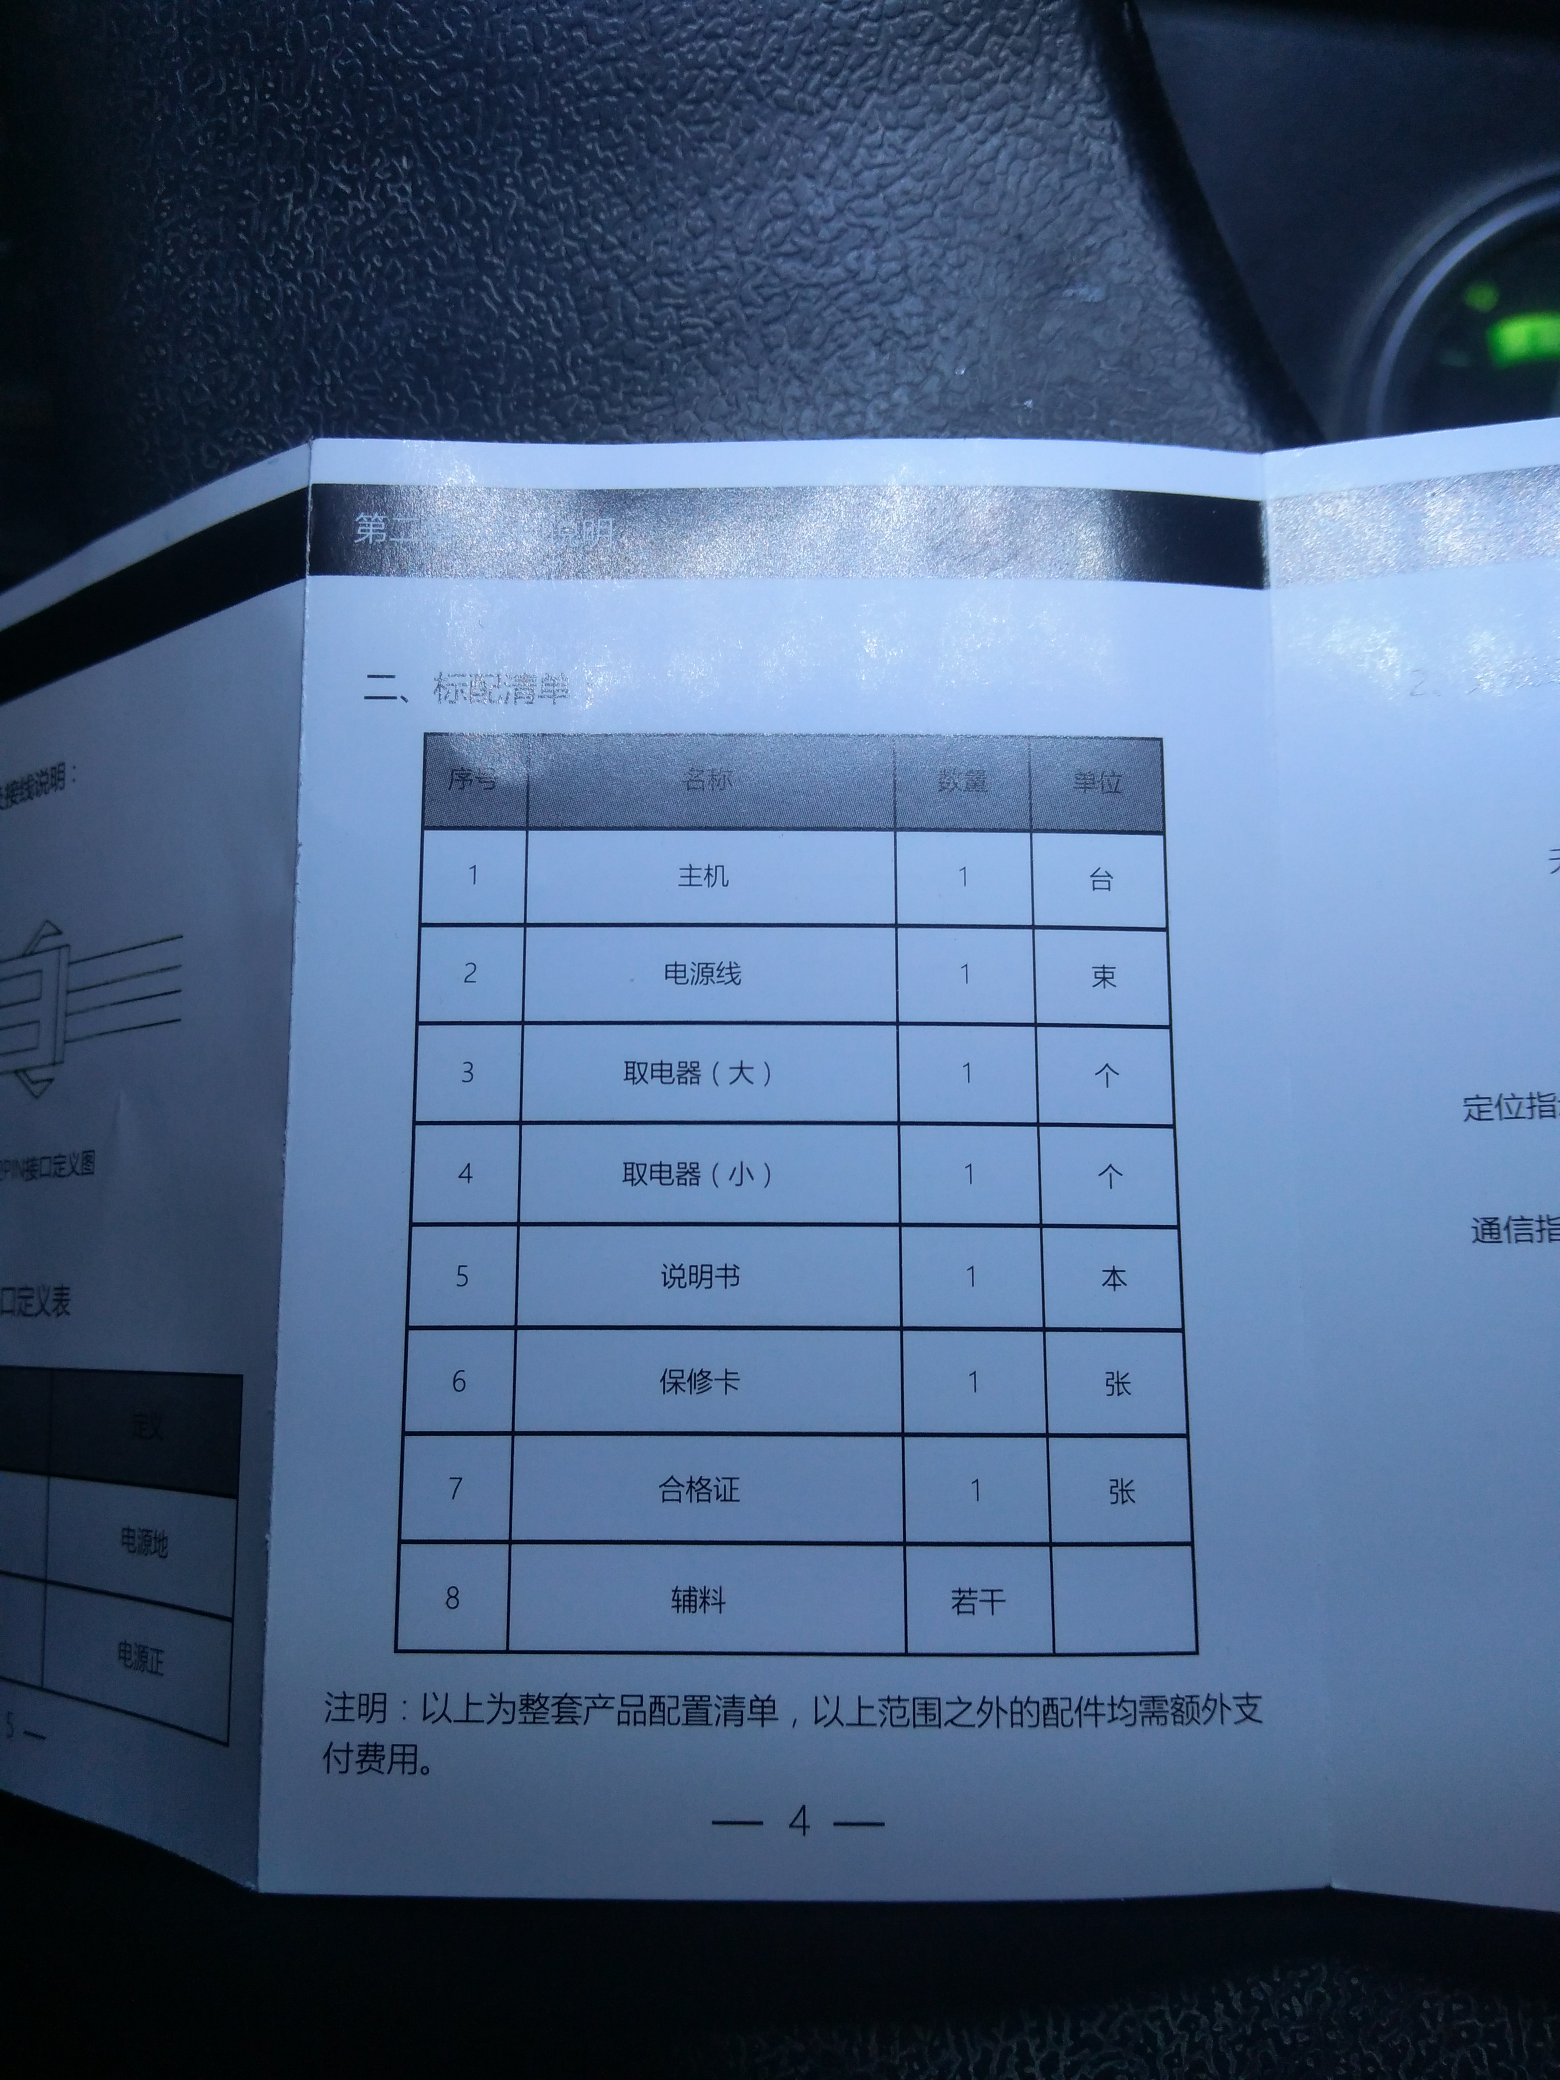 【铁甲云盒】精简版铁甲云盒开箱记